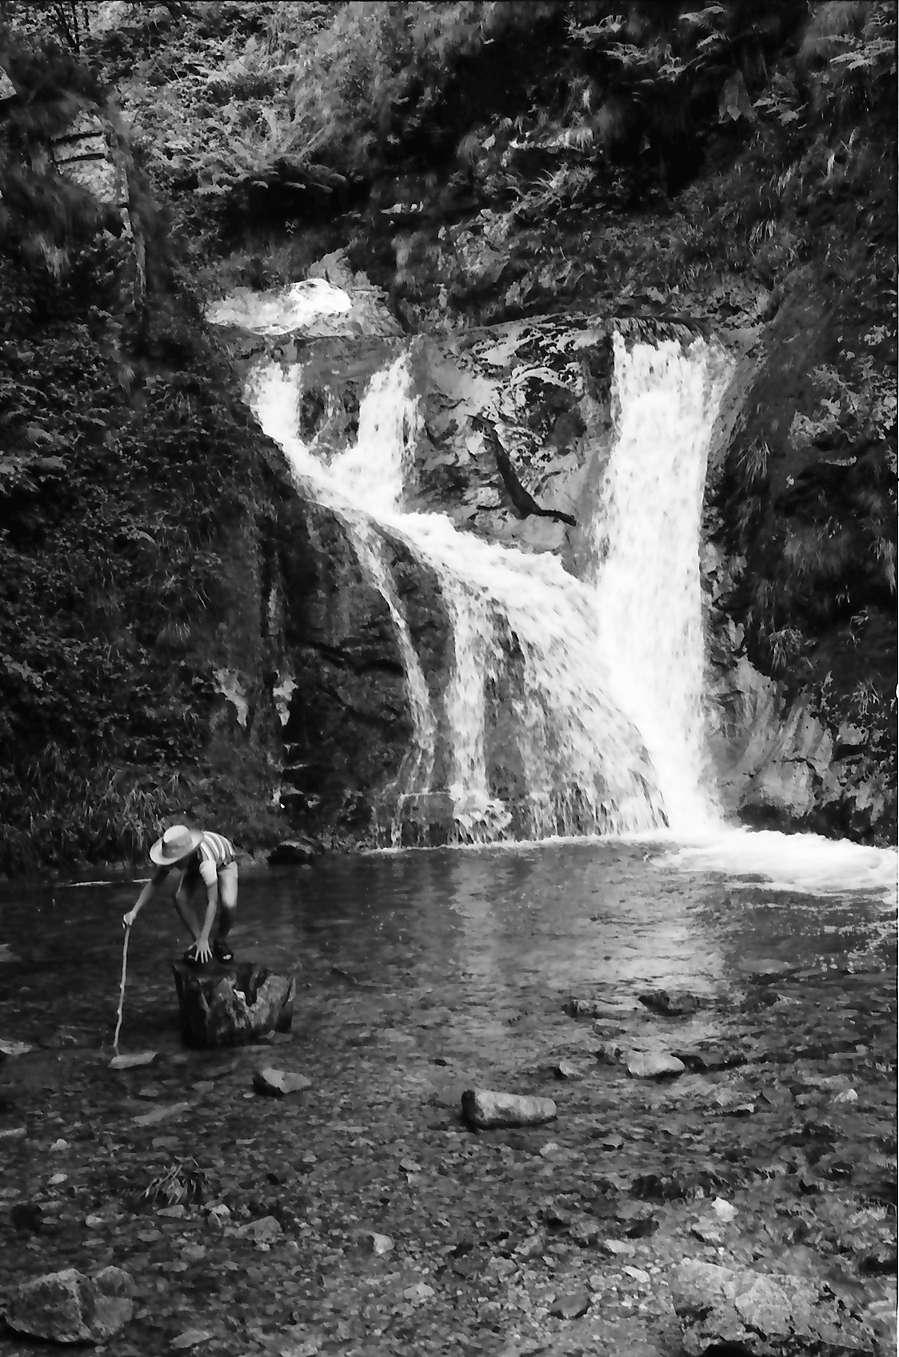 Allerheiligen: Allerheiligen Wasserfälle, unterer Fall, Bild 1